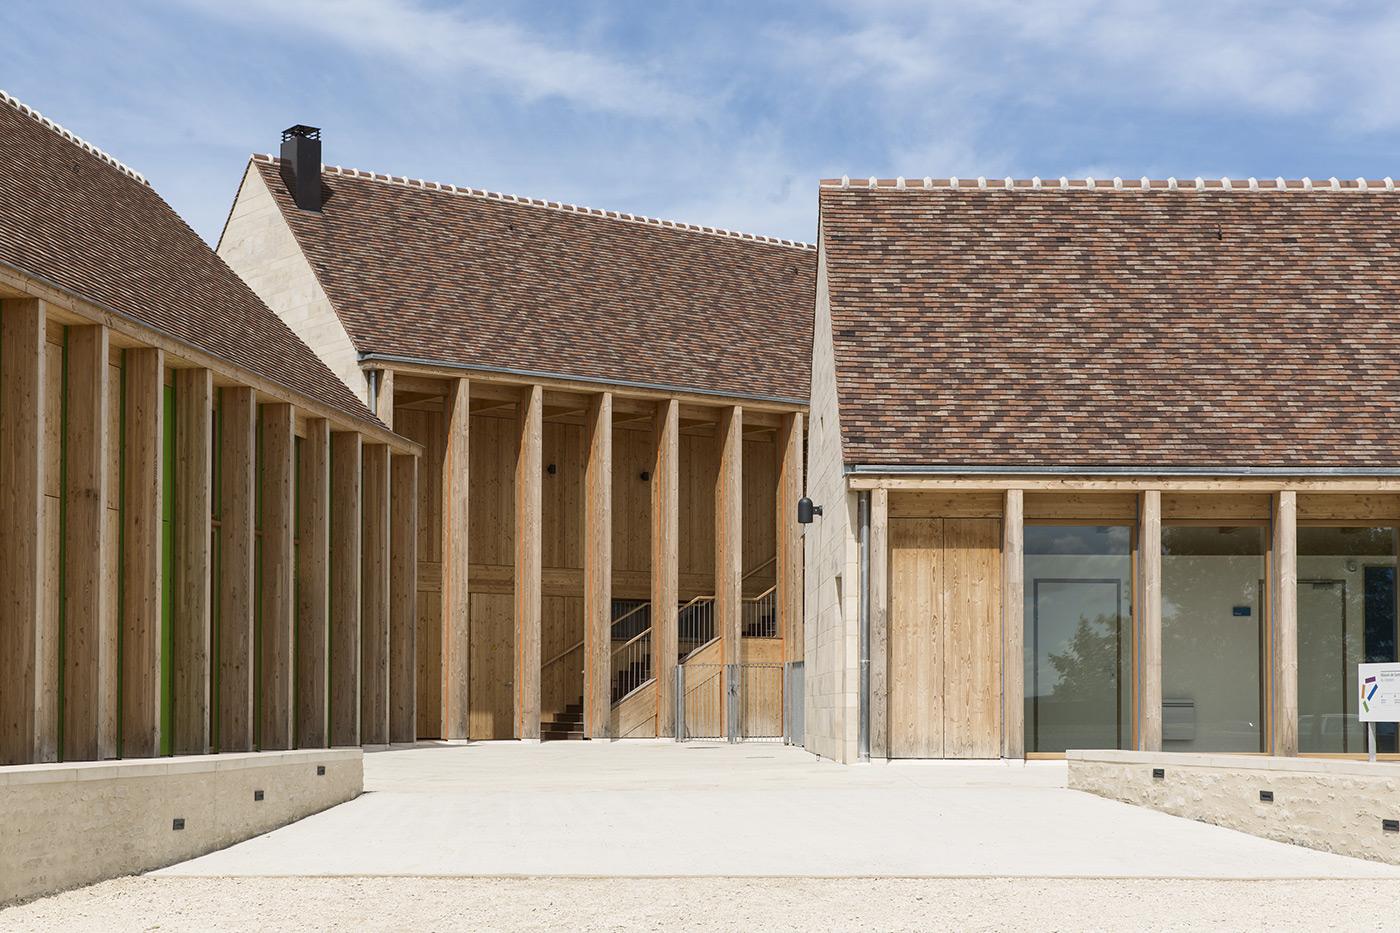 Extension maison bois prix m2 extension maison sur for Prix m2 maison ossature bois